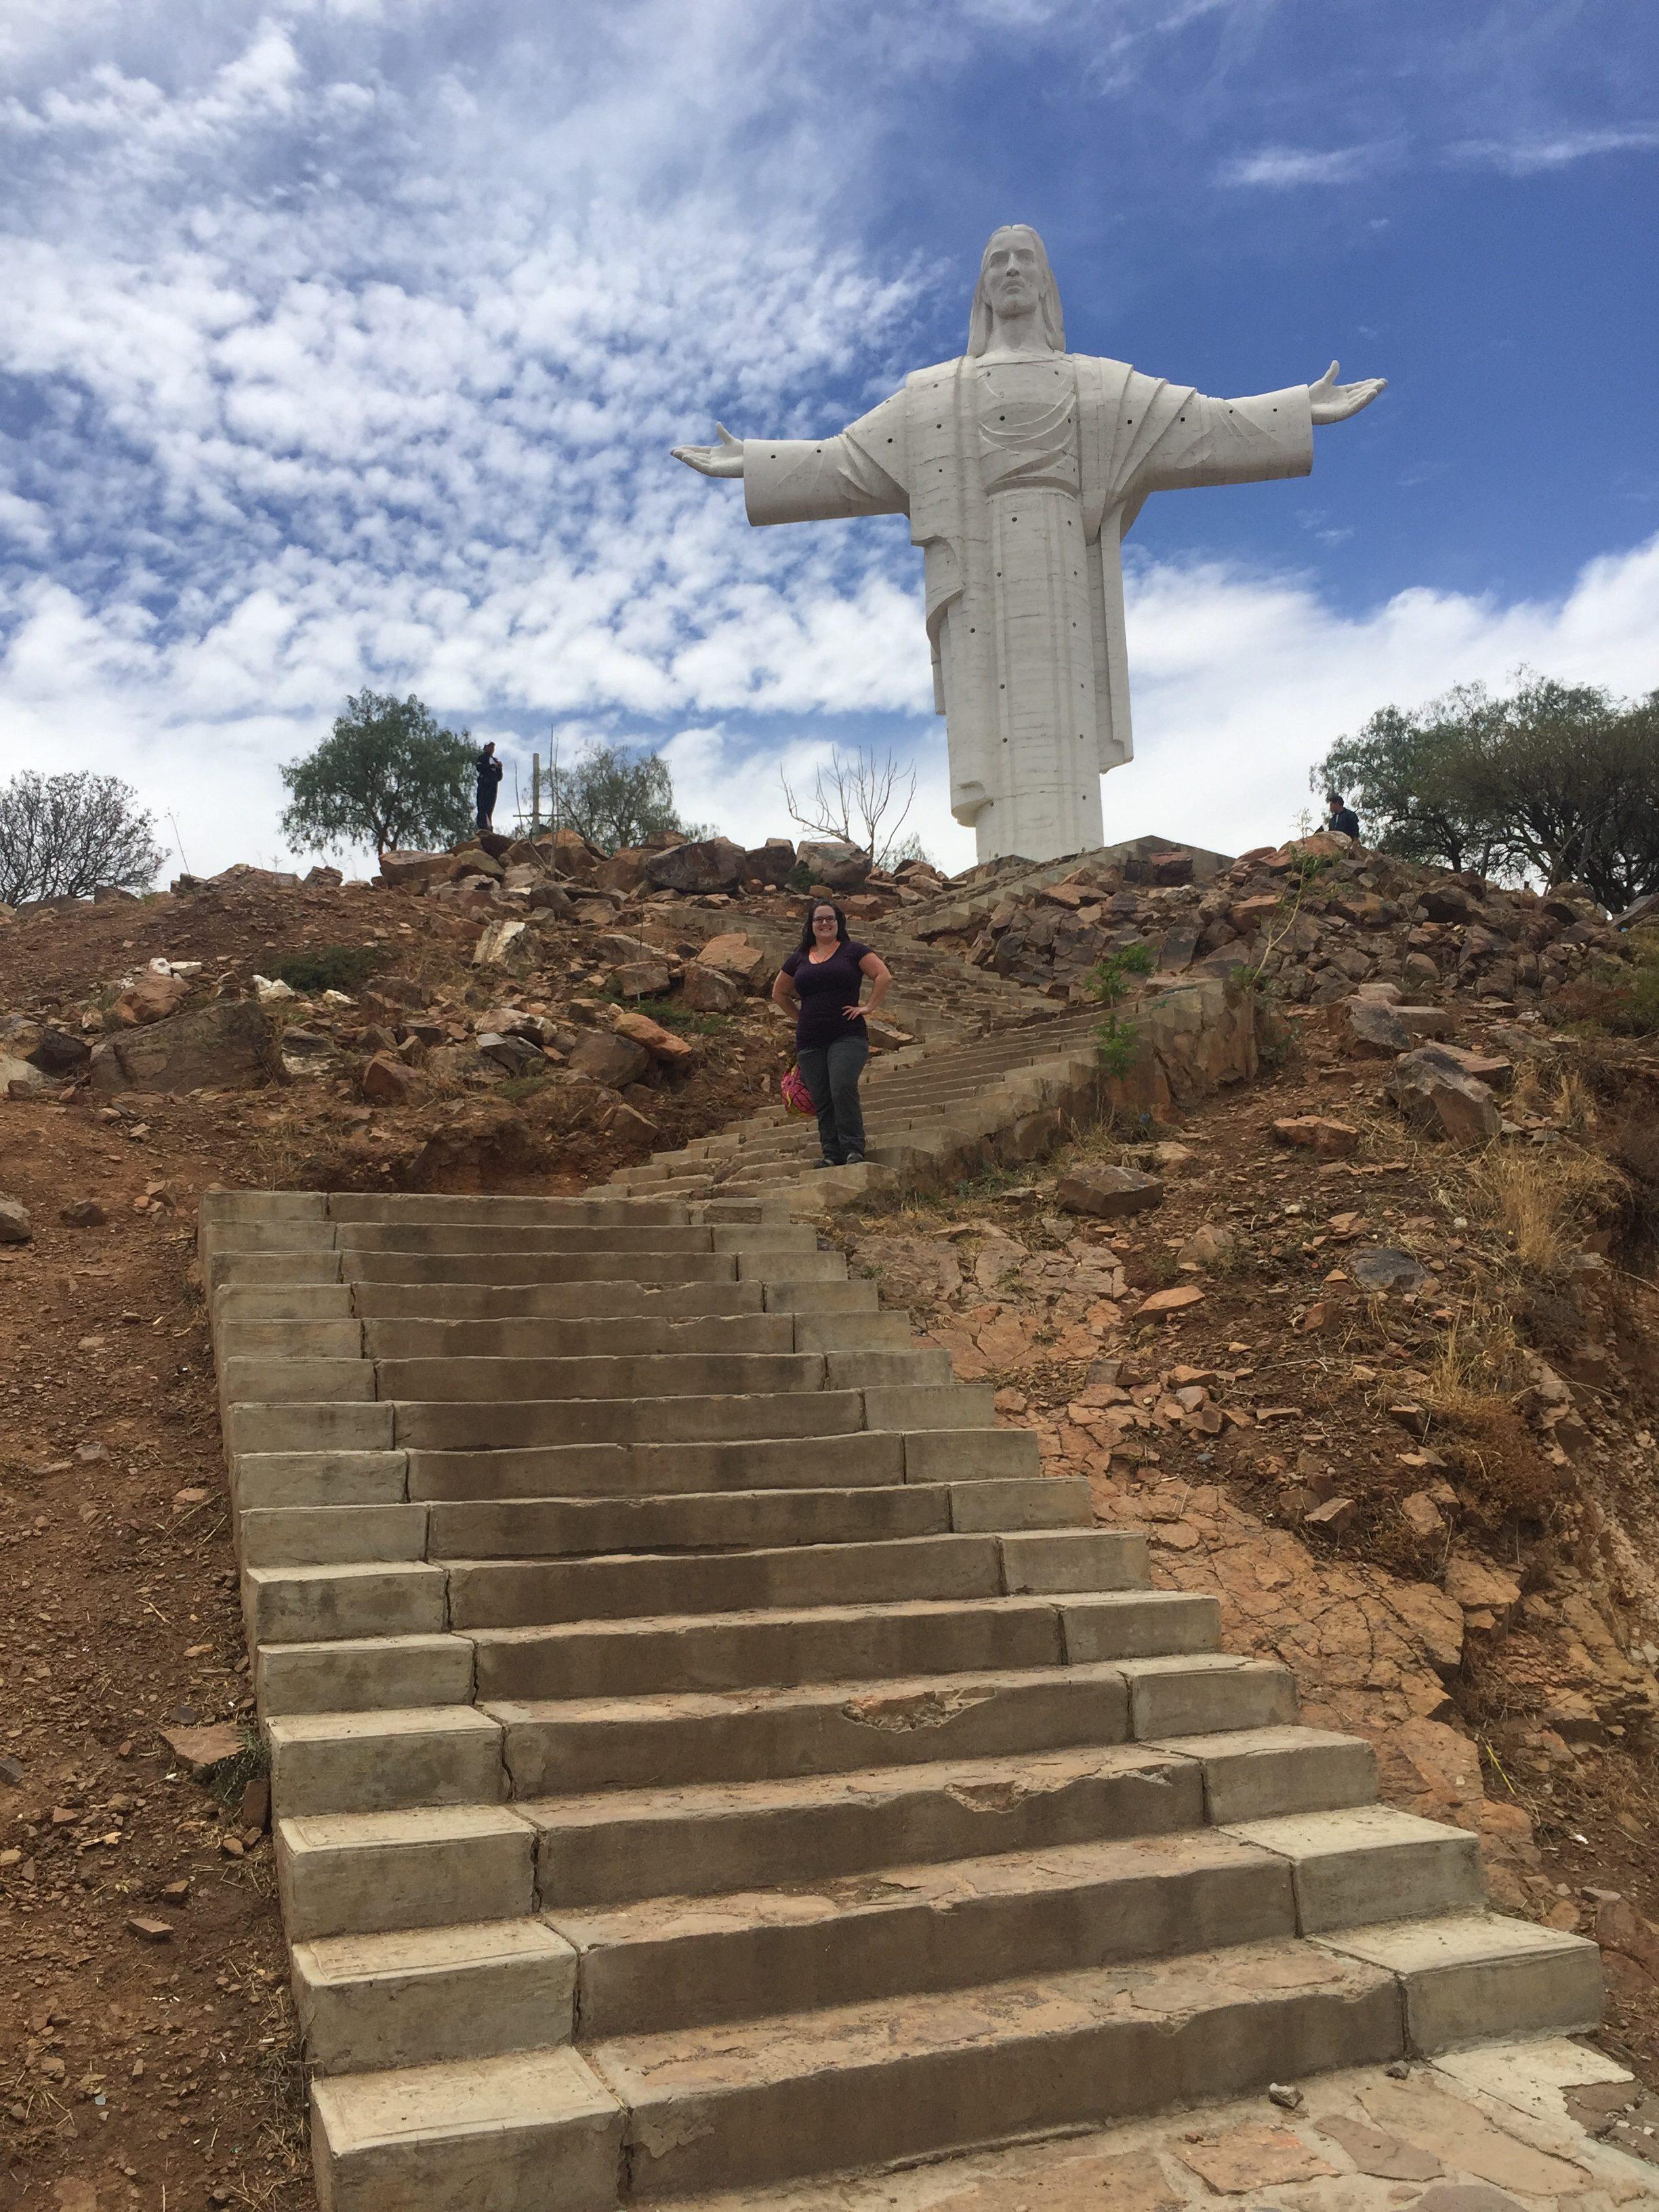 Cristo de la Concordia in Cochabamba, Bolivia